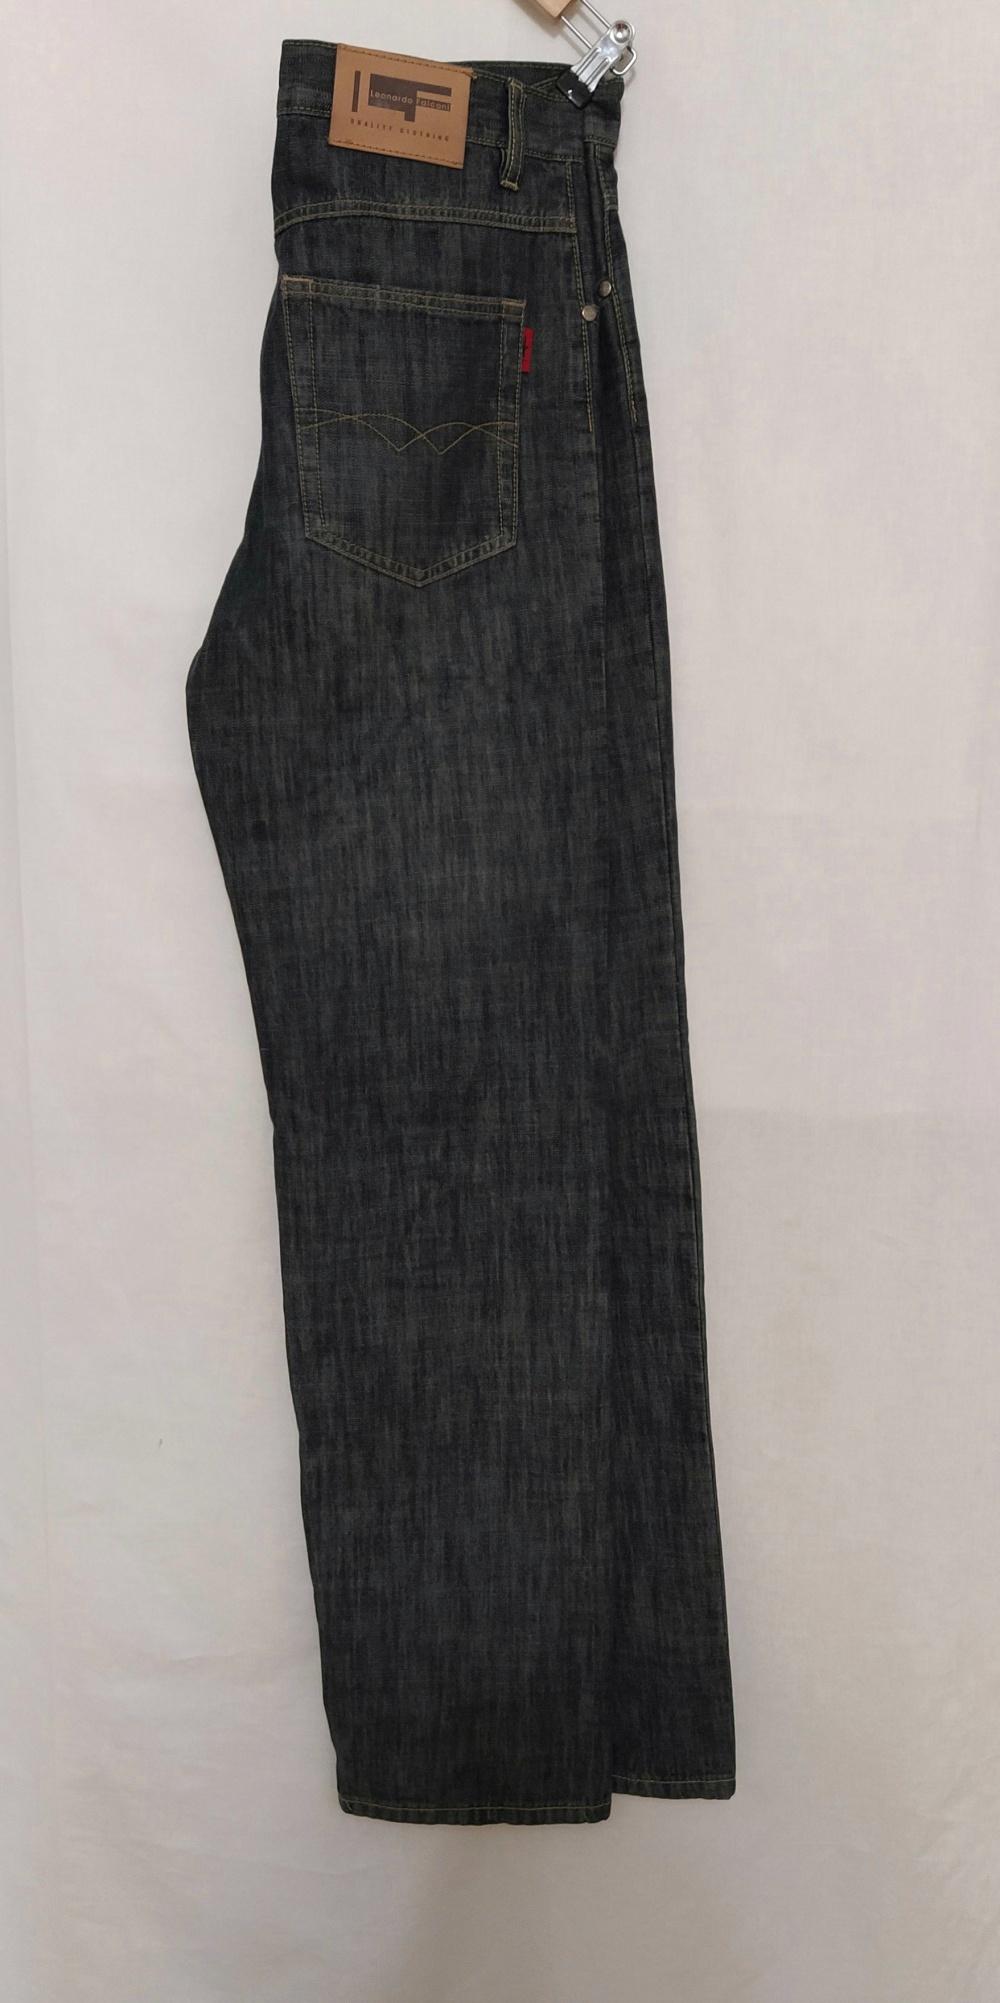 Джинсы Leonardo Falconi, 32 джинсовый размер на 46